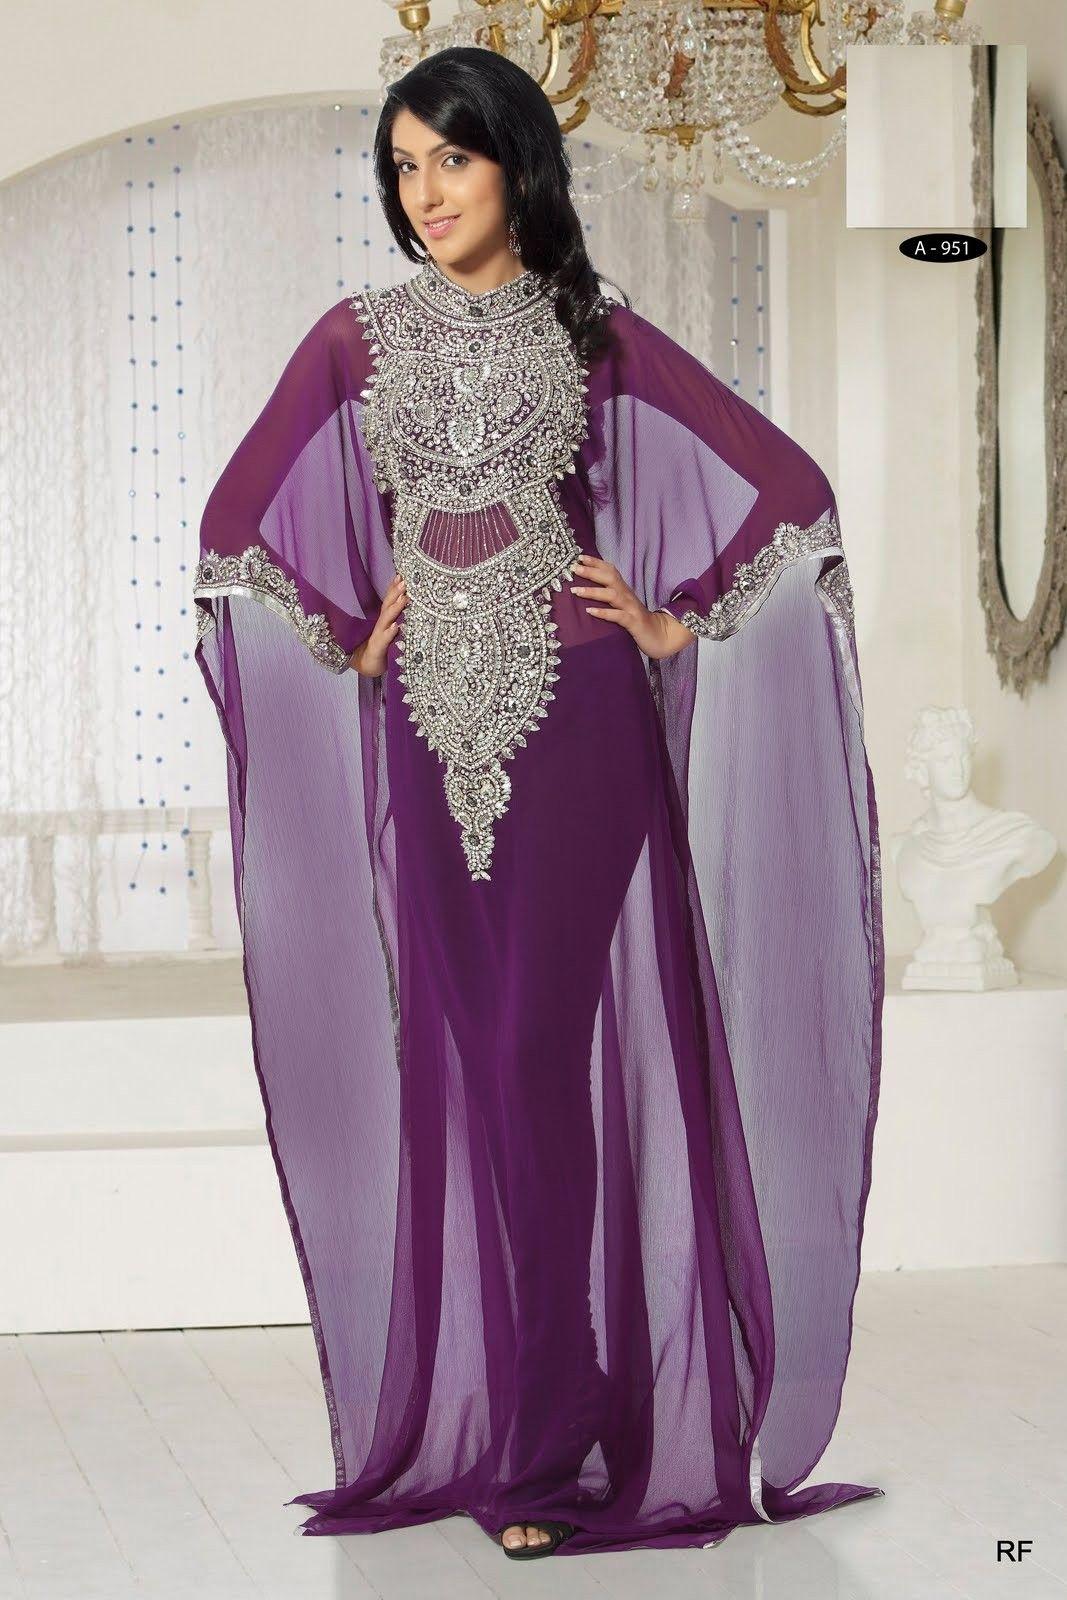 Robe soiree mariage arabe pas cher